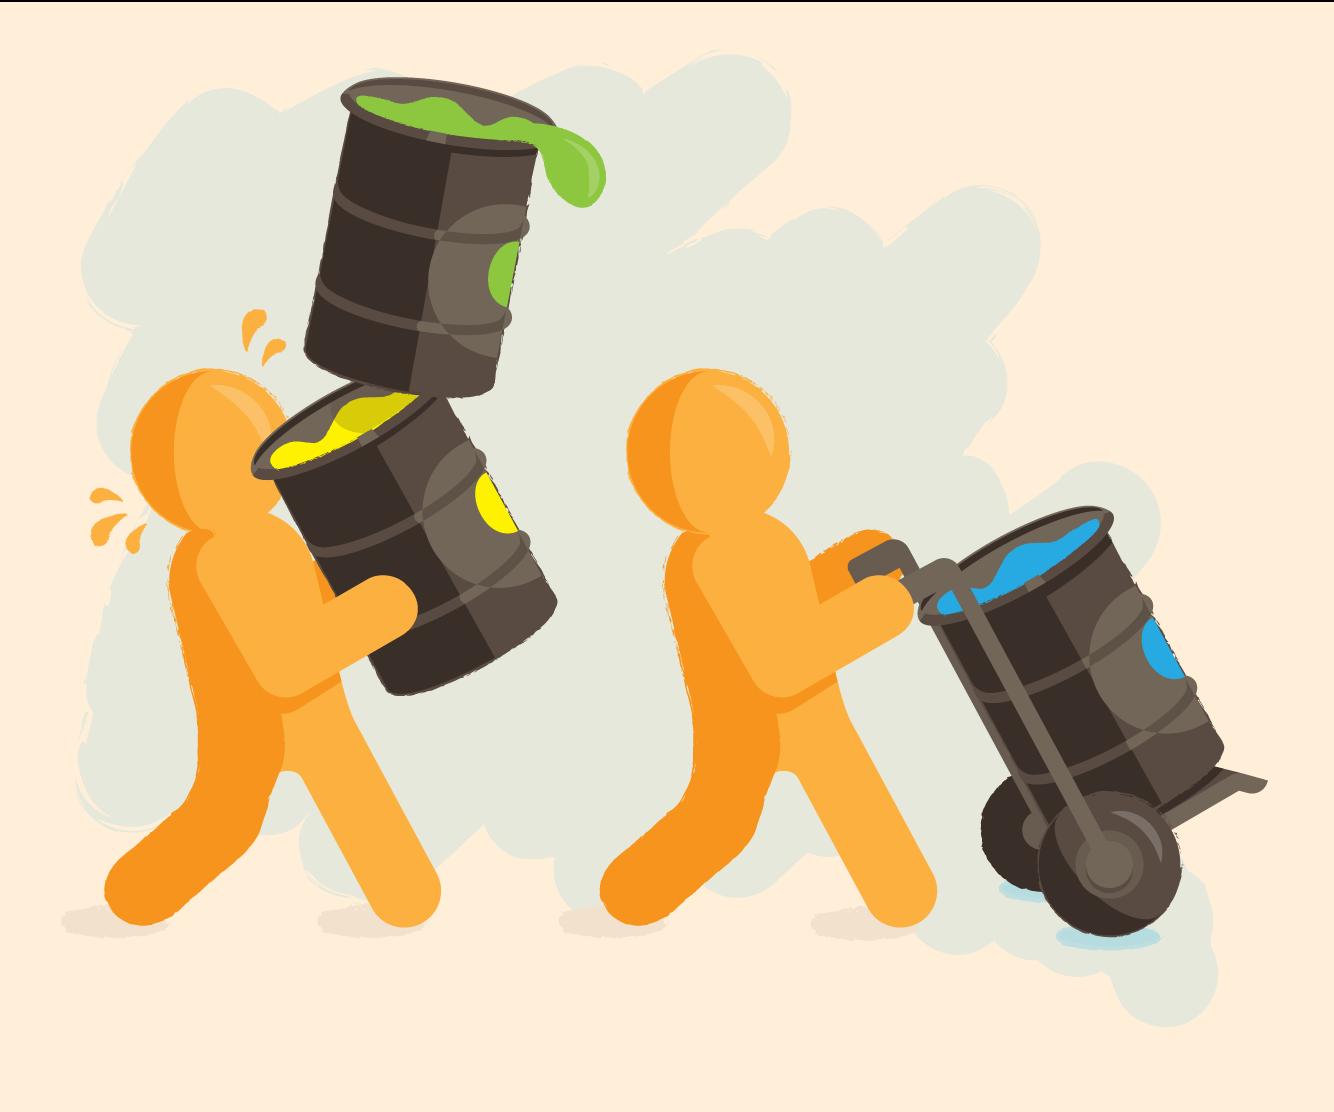 teamfluent-blogpost-illustration-8